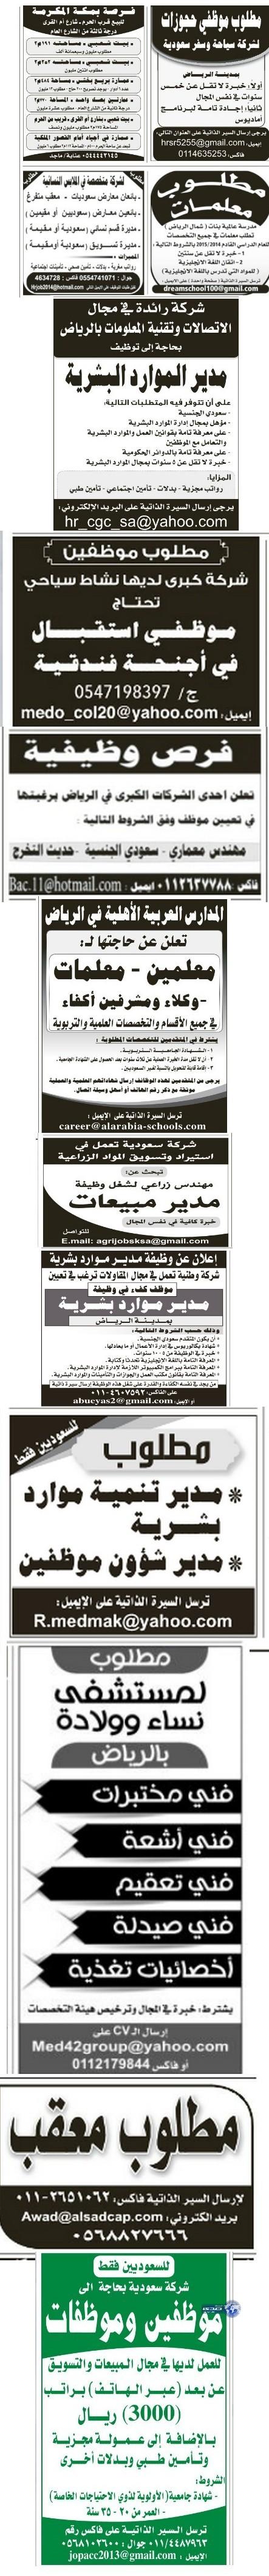 وظائف نسائية اليوم 2-6-1435 ، وظائف بنات الاربعاء 2-4-2014